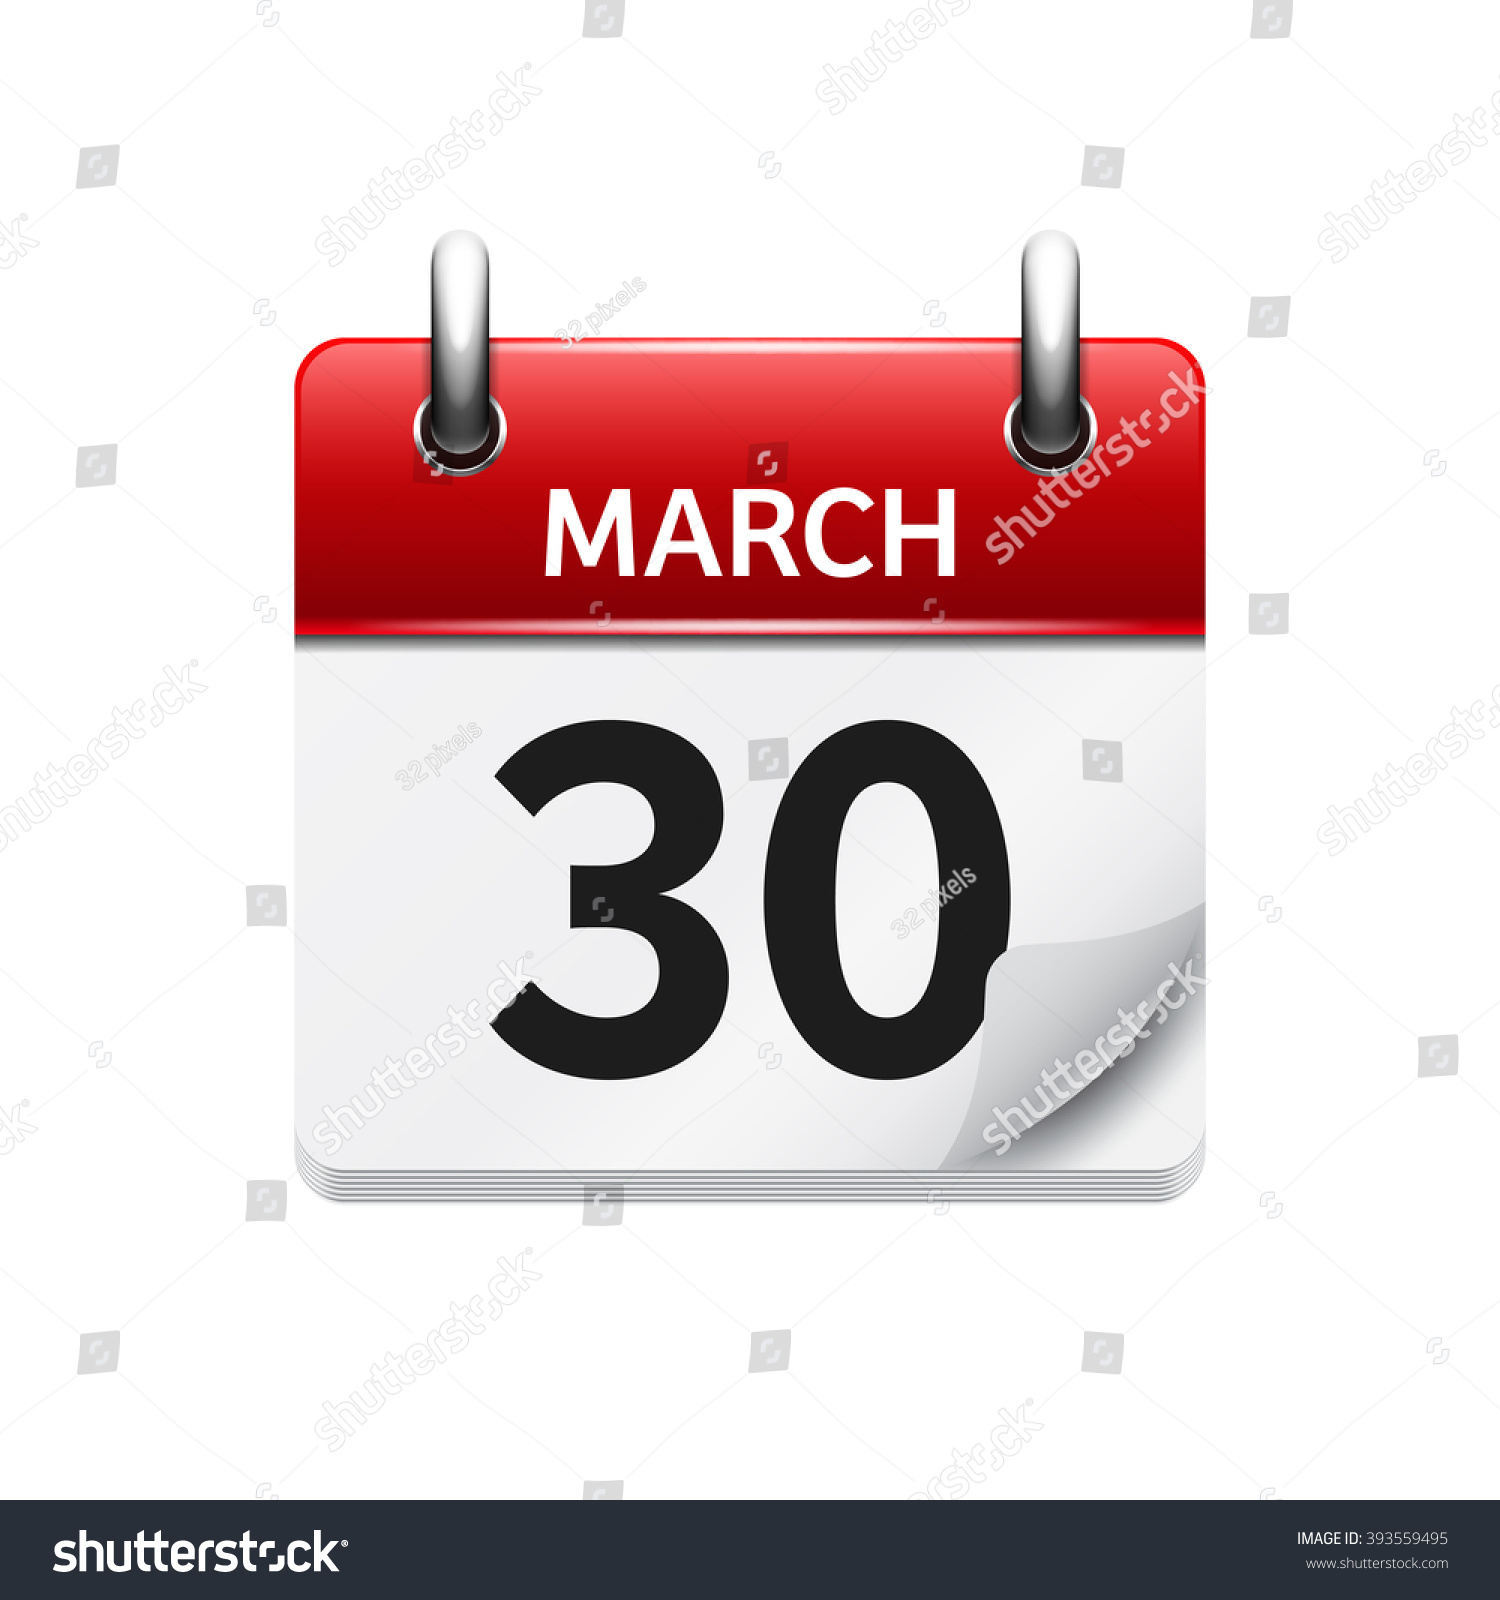 March 30 Vector Flat Daily Calendar Stock Vector 393559495 ...